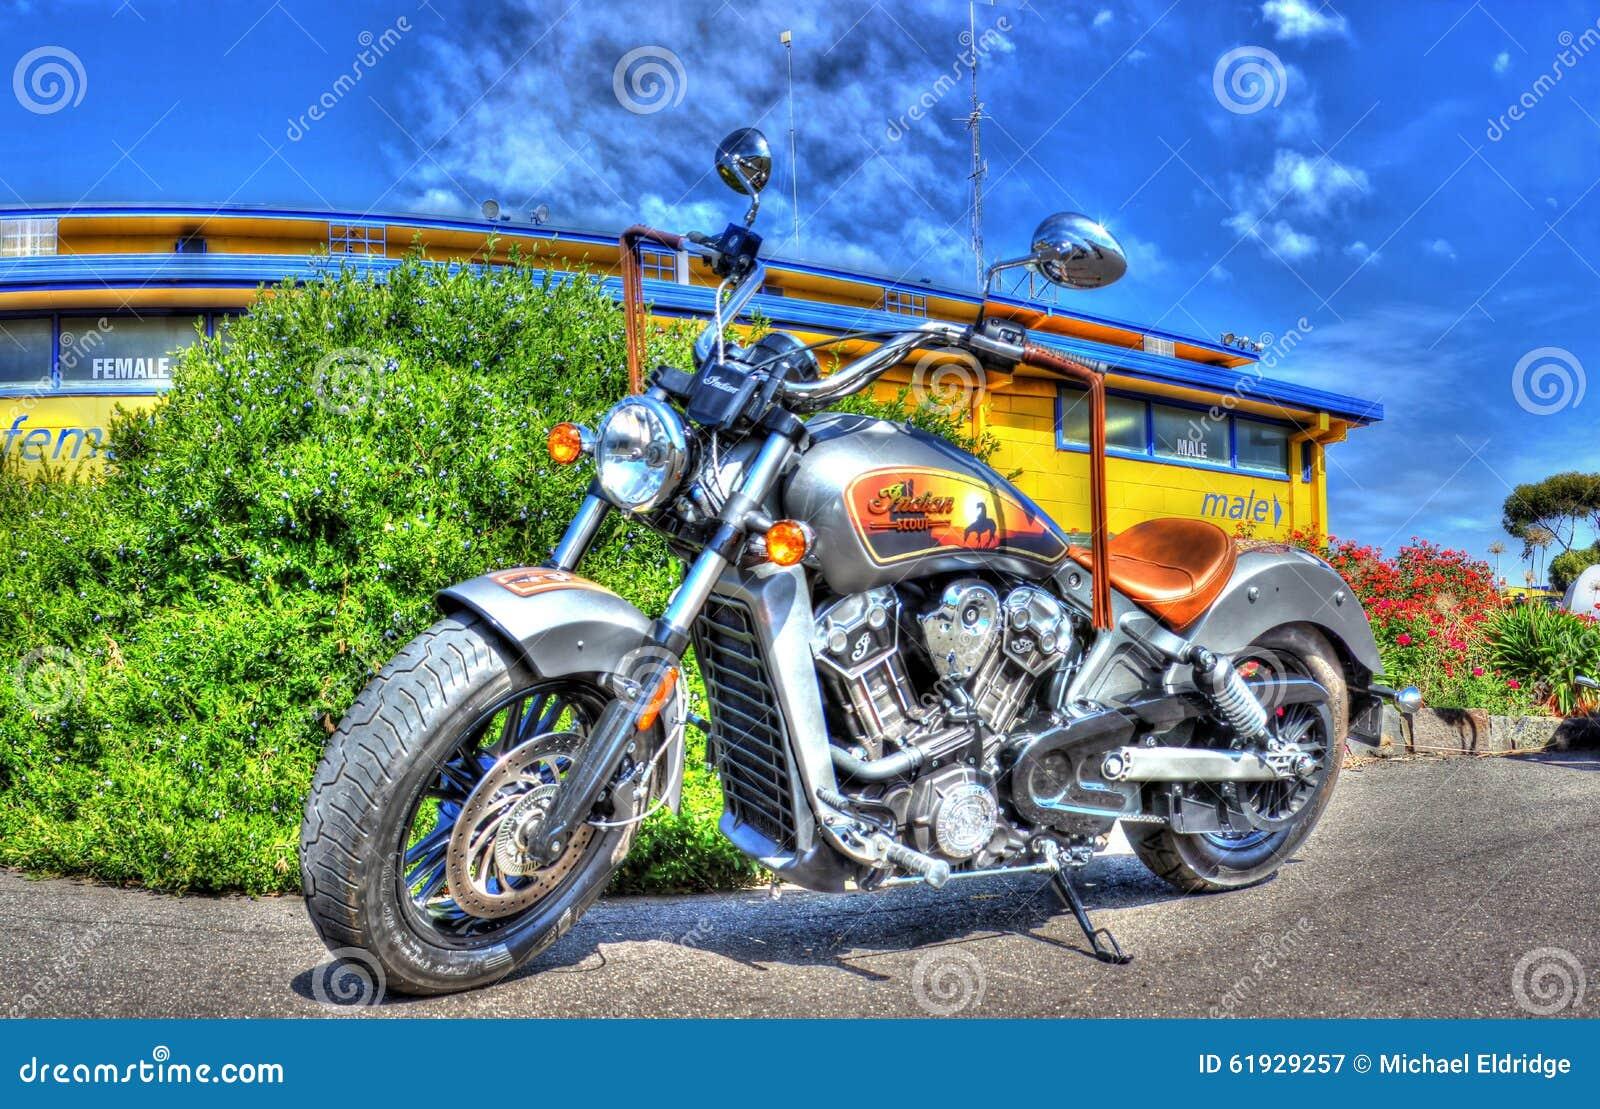 Ινδική μοτοσικλέτα ανιχνεύσεων